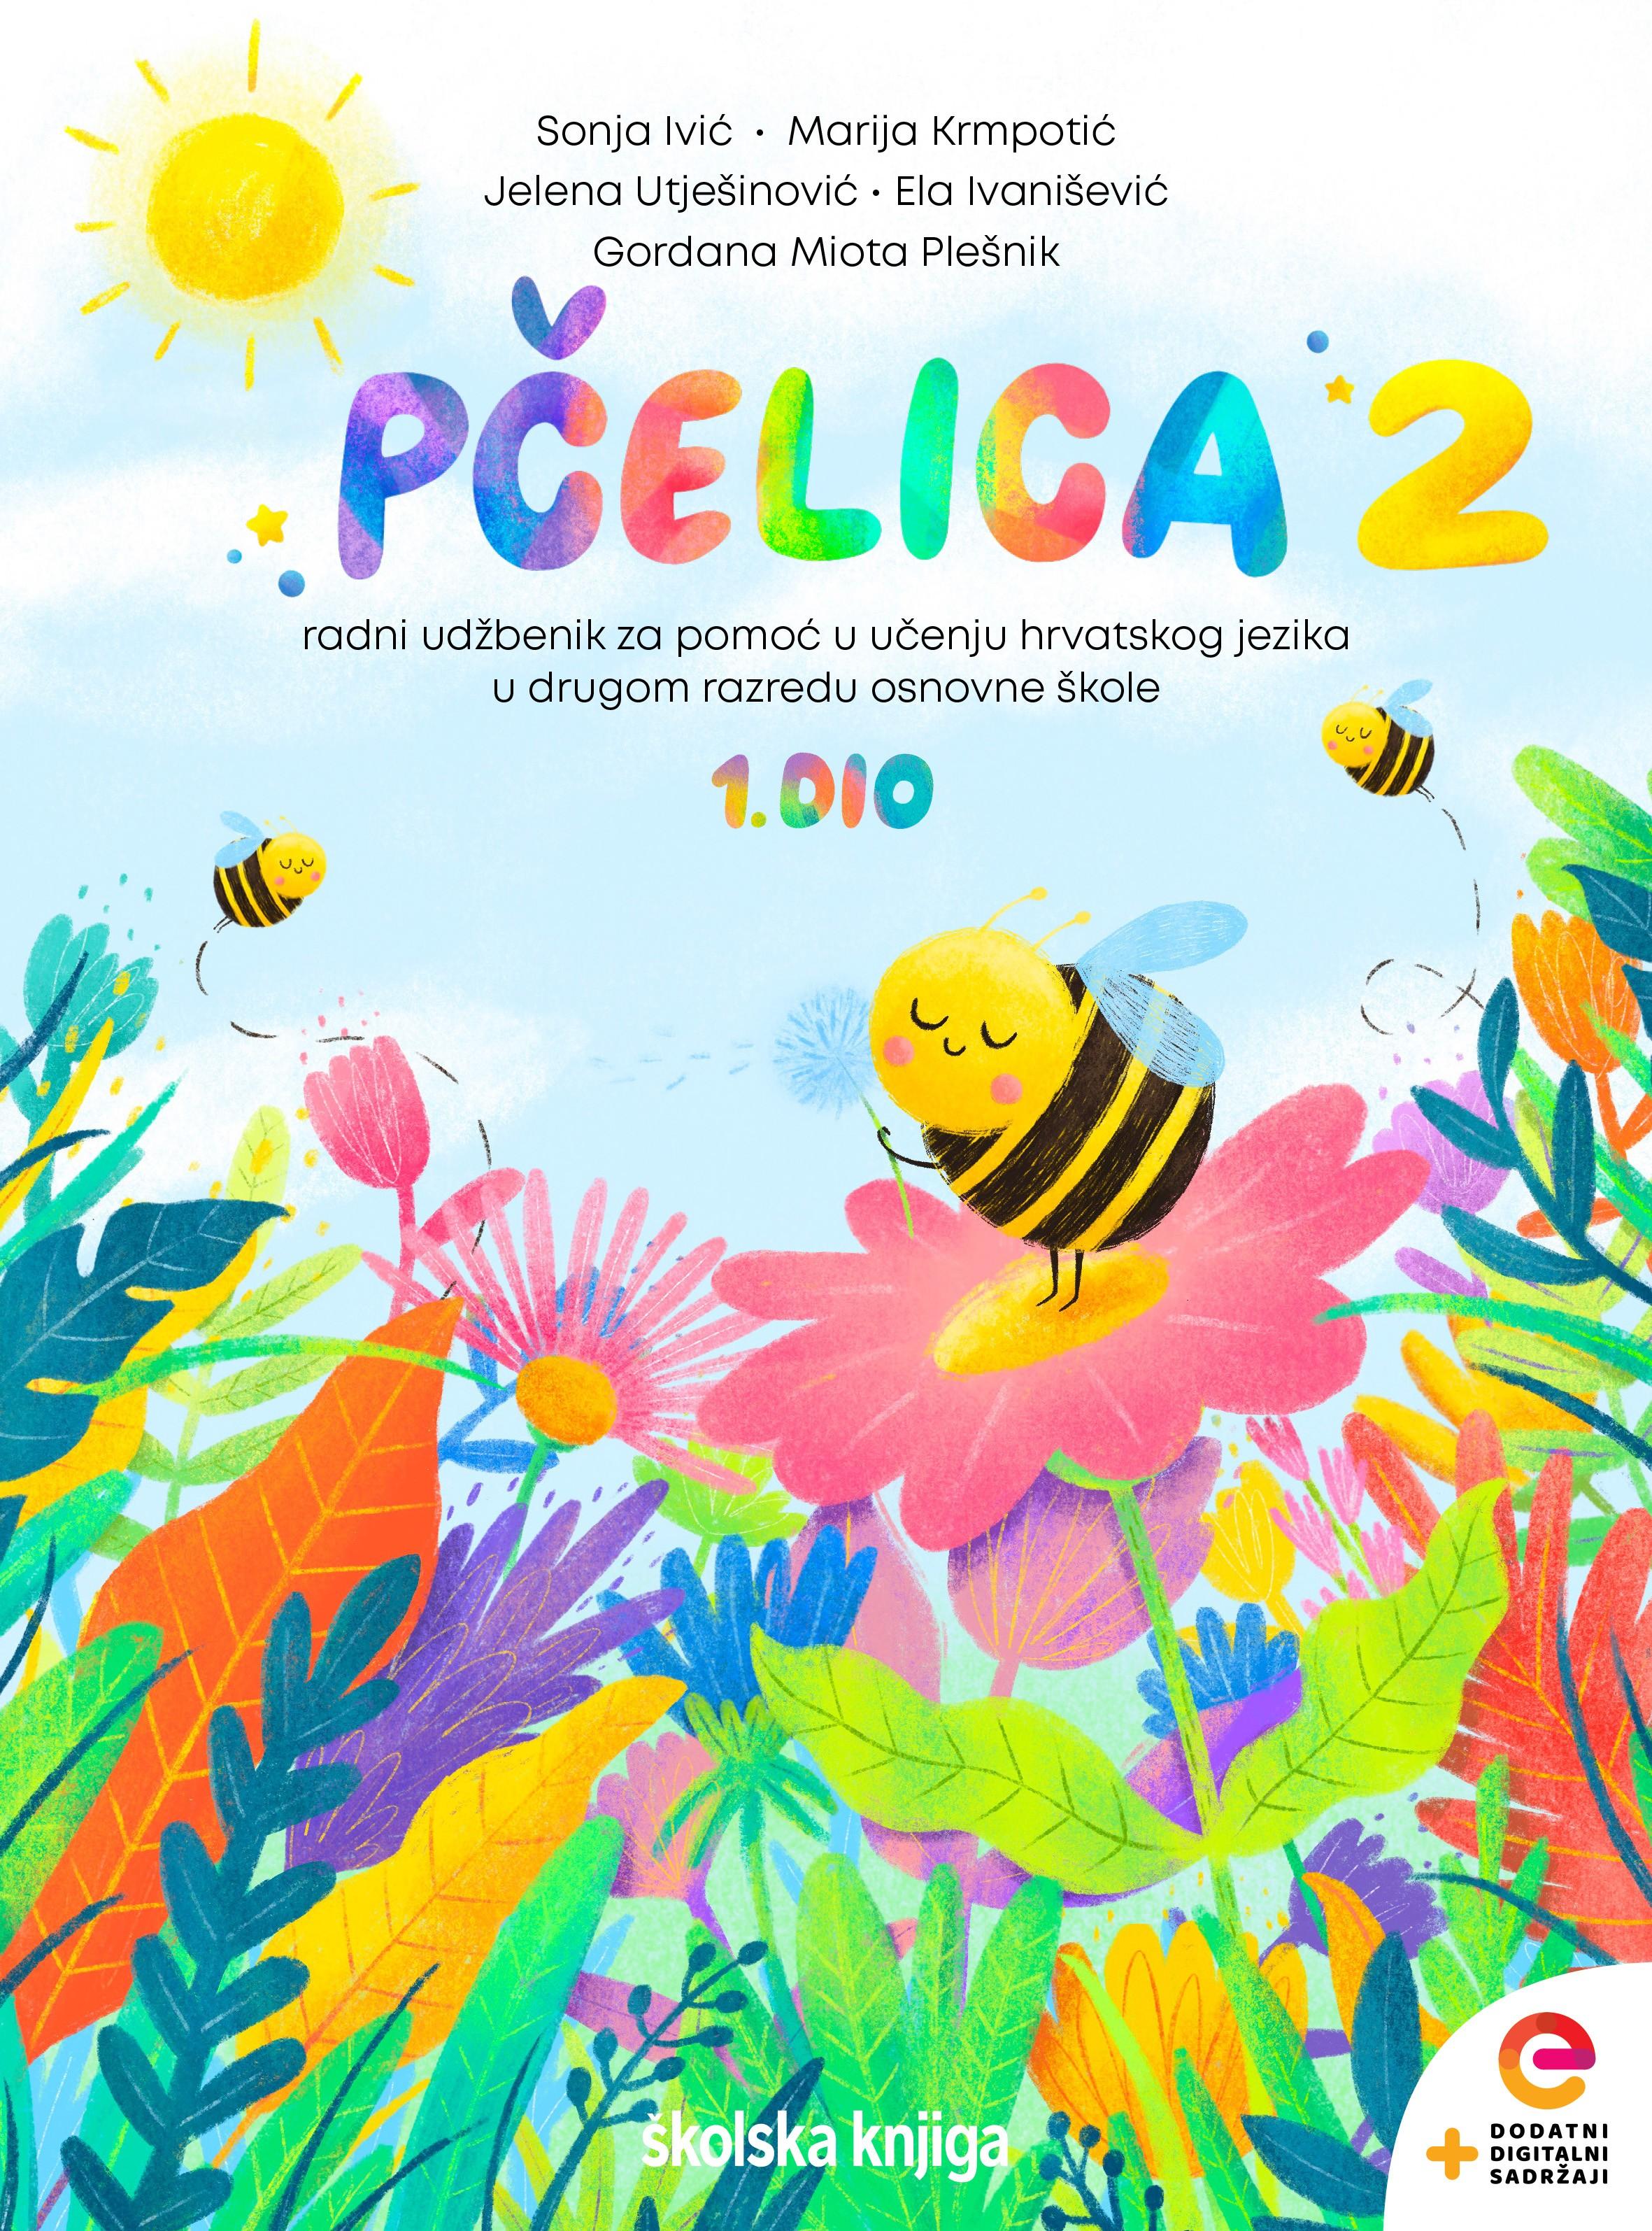 PČELICA 2 - radni udžbenik za pomoć u učenju hrvatskog jezika u drugom razredu osnovne škole, 1. I 2. dio  - KOMPLET